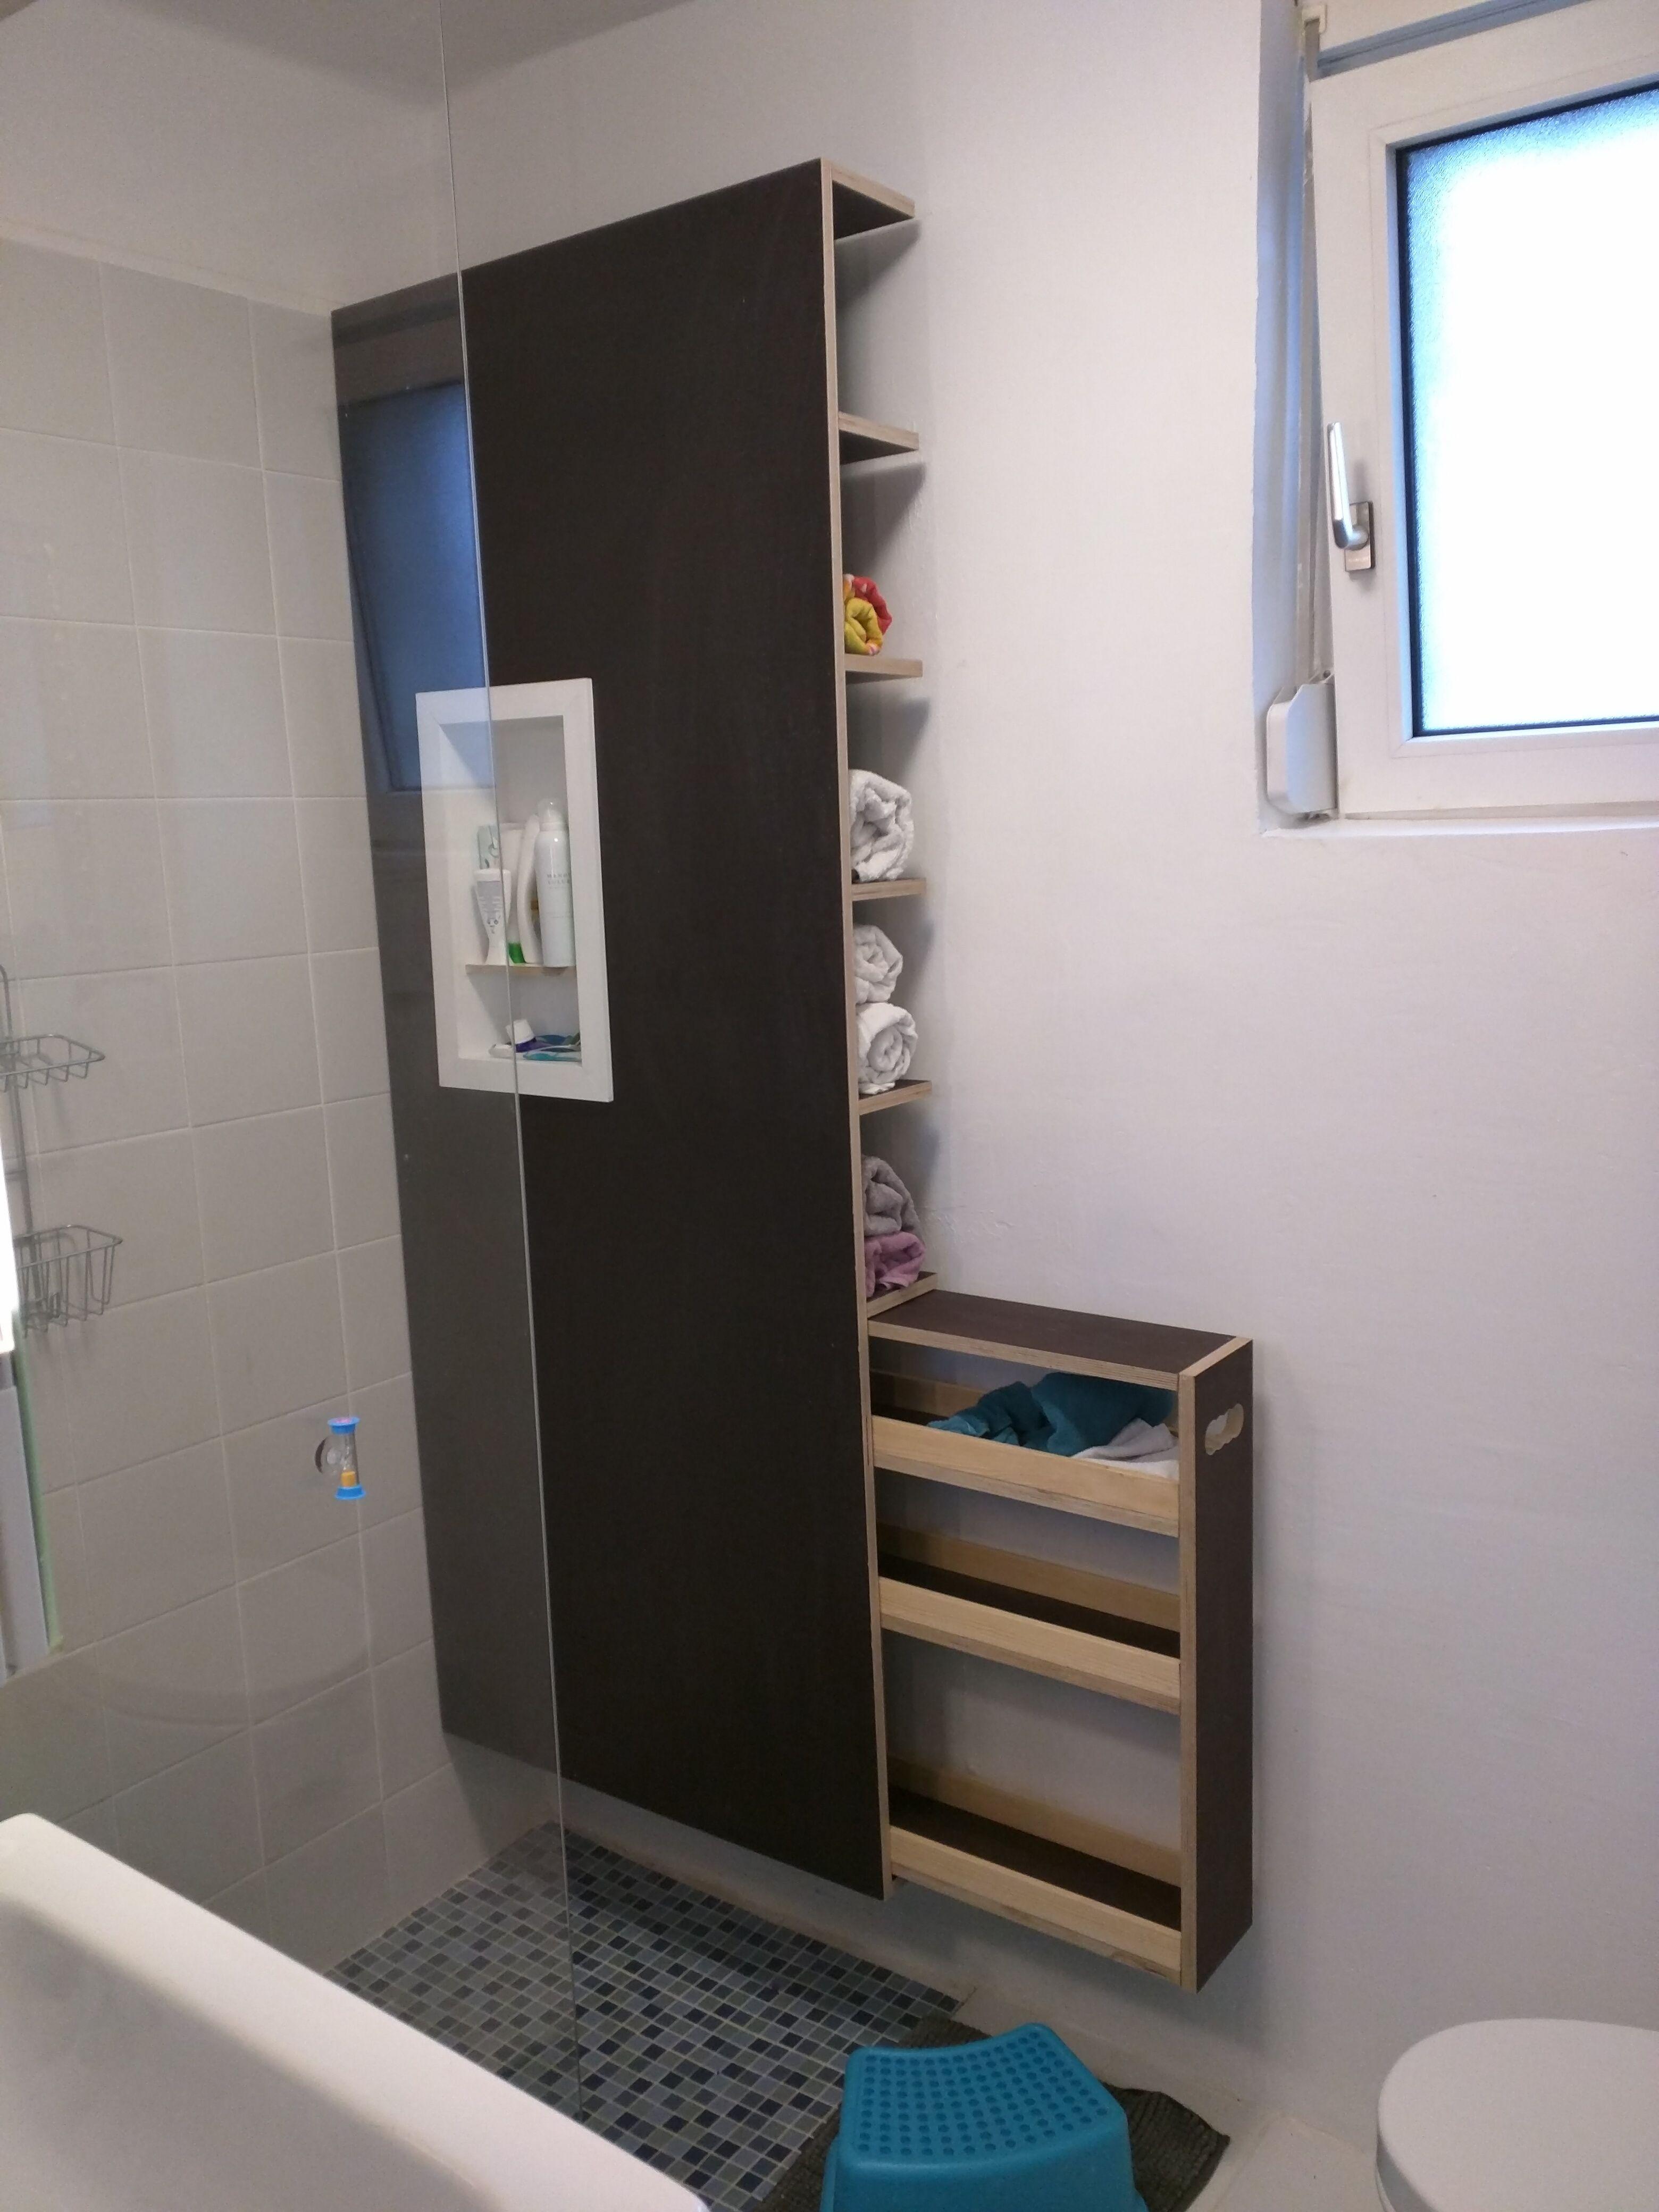 badm bel mit shampoohalter handtuchregal und schublade. Black Bedroom Furniture Sets. Home Design Ideas